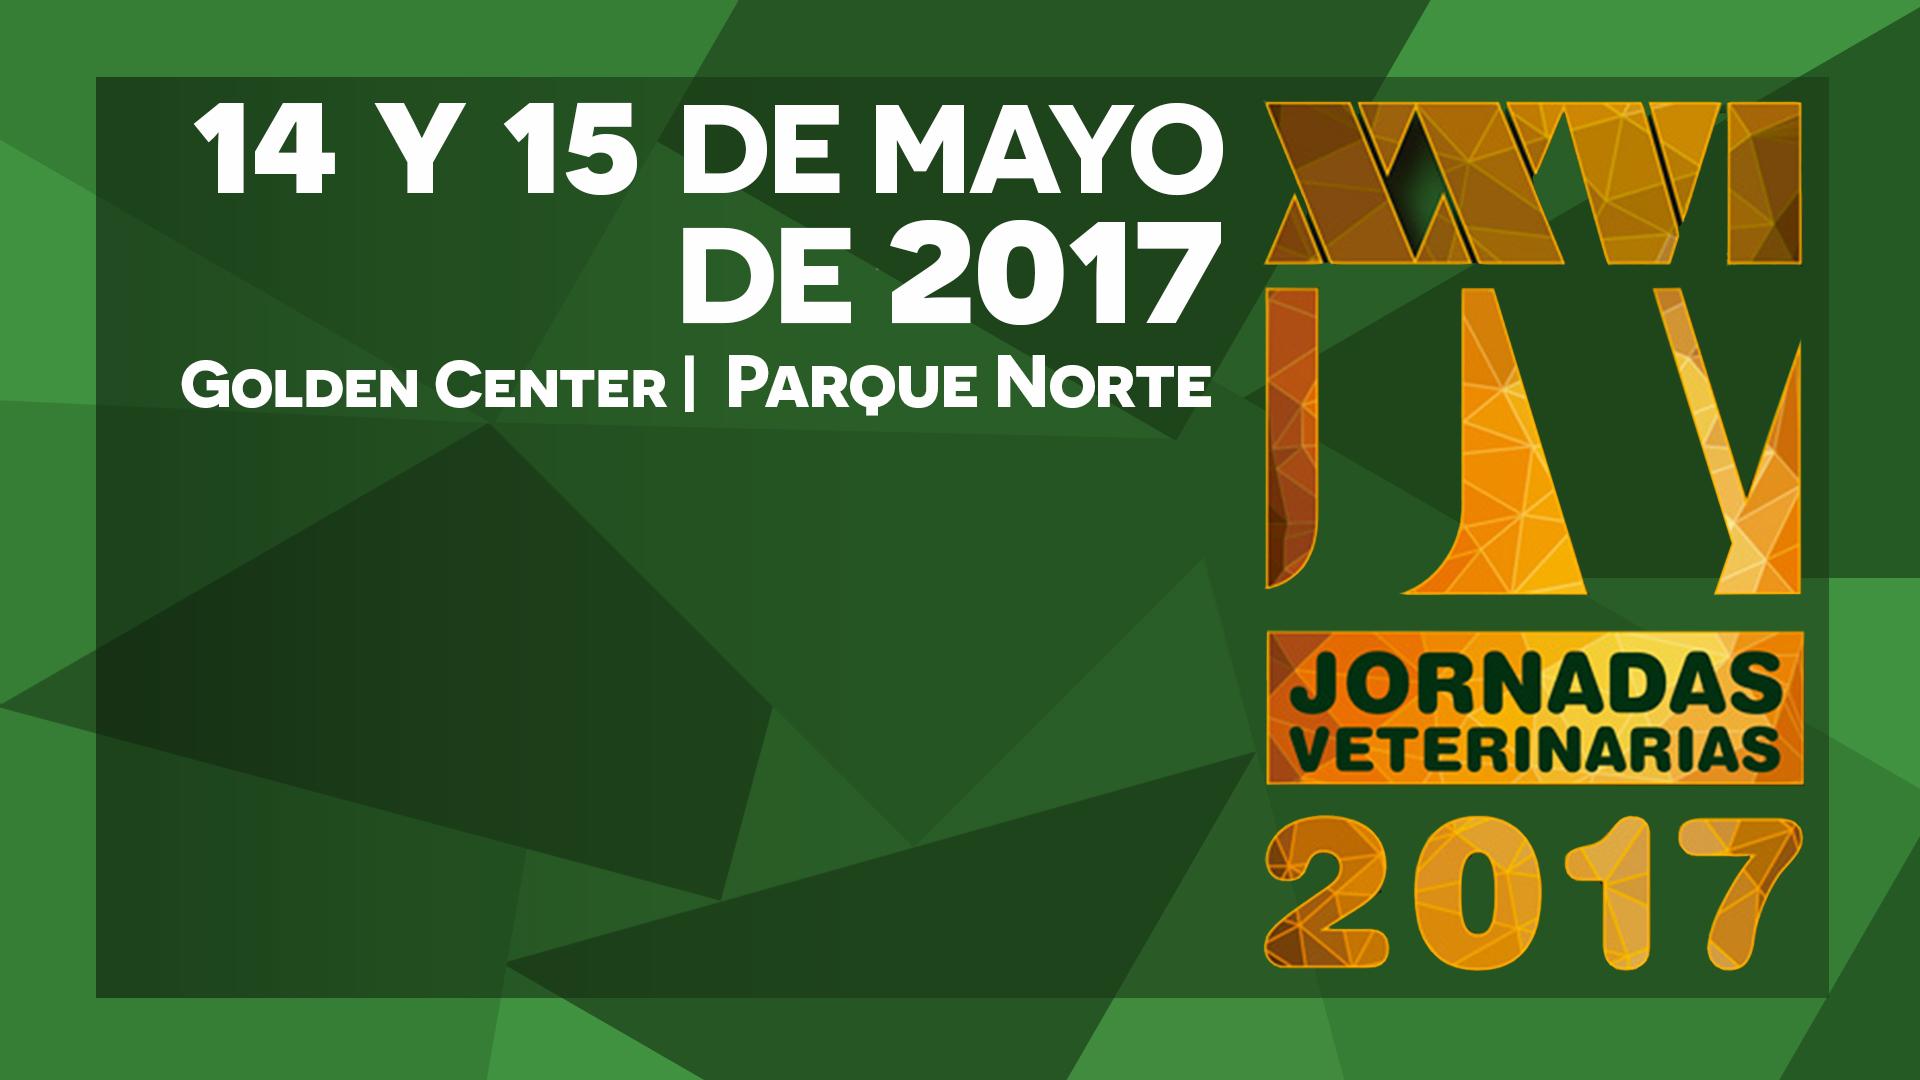 XXVI Jornadas Veterinarias 2017